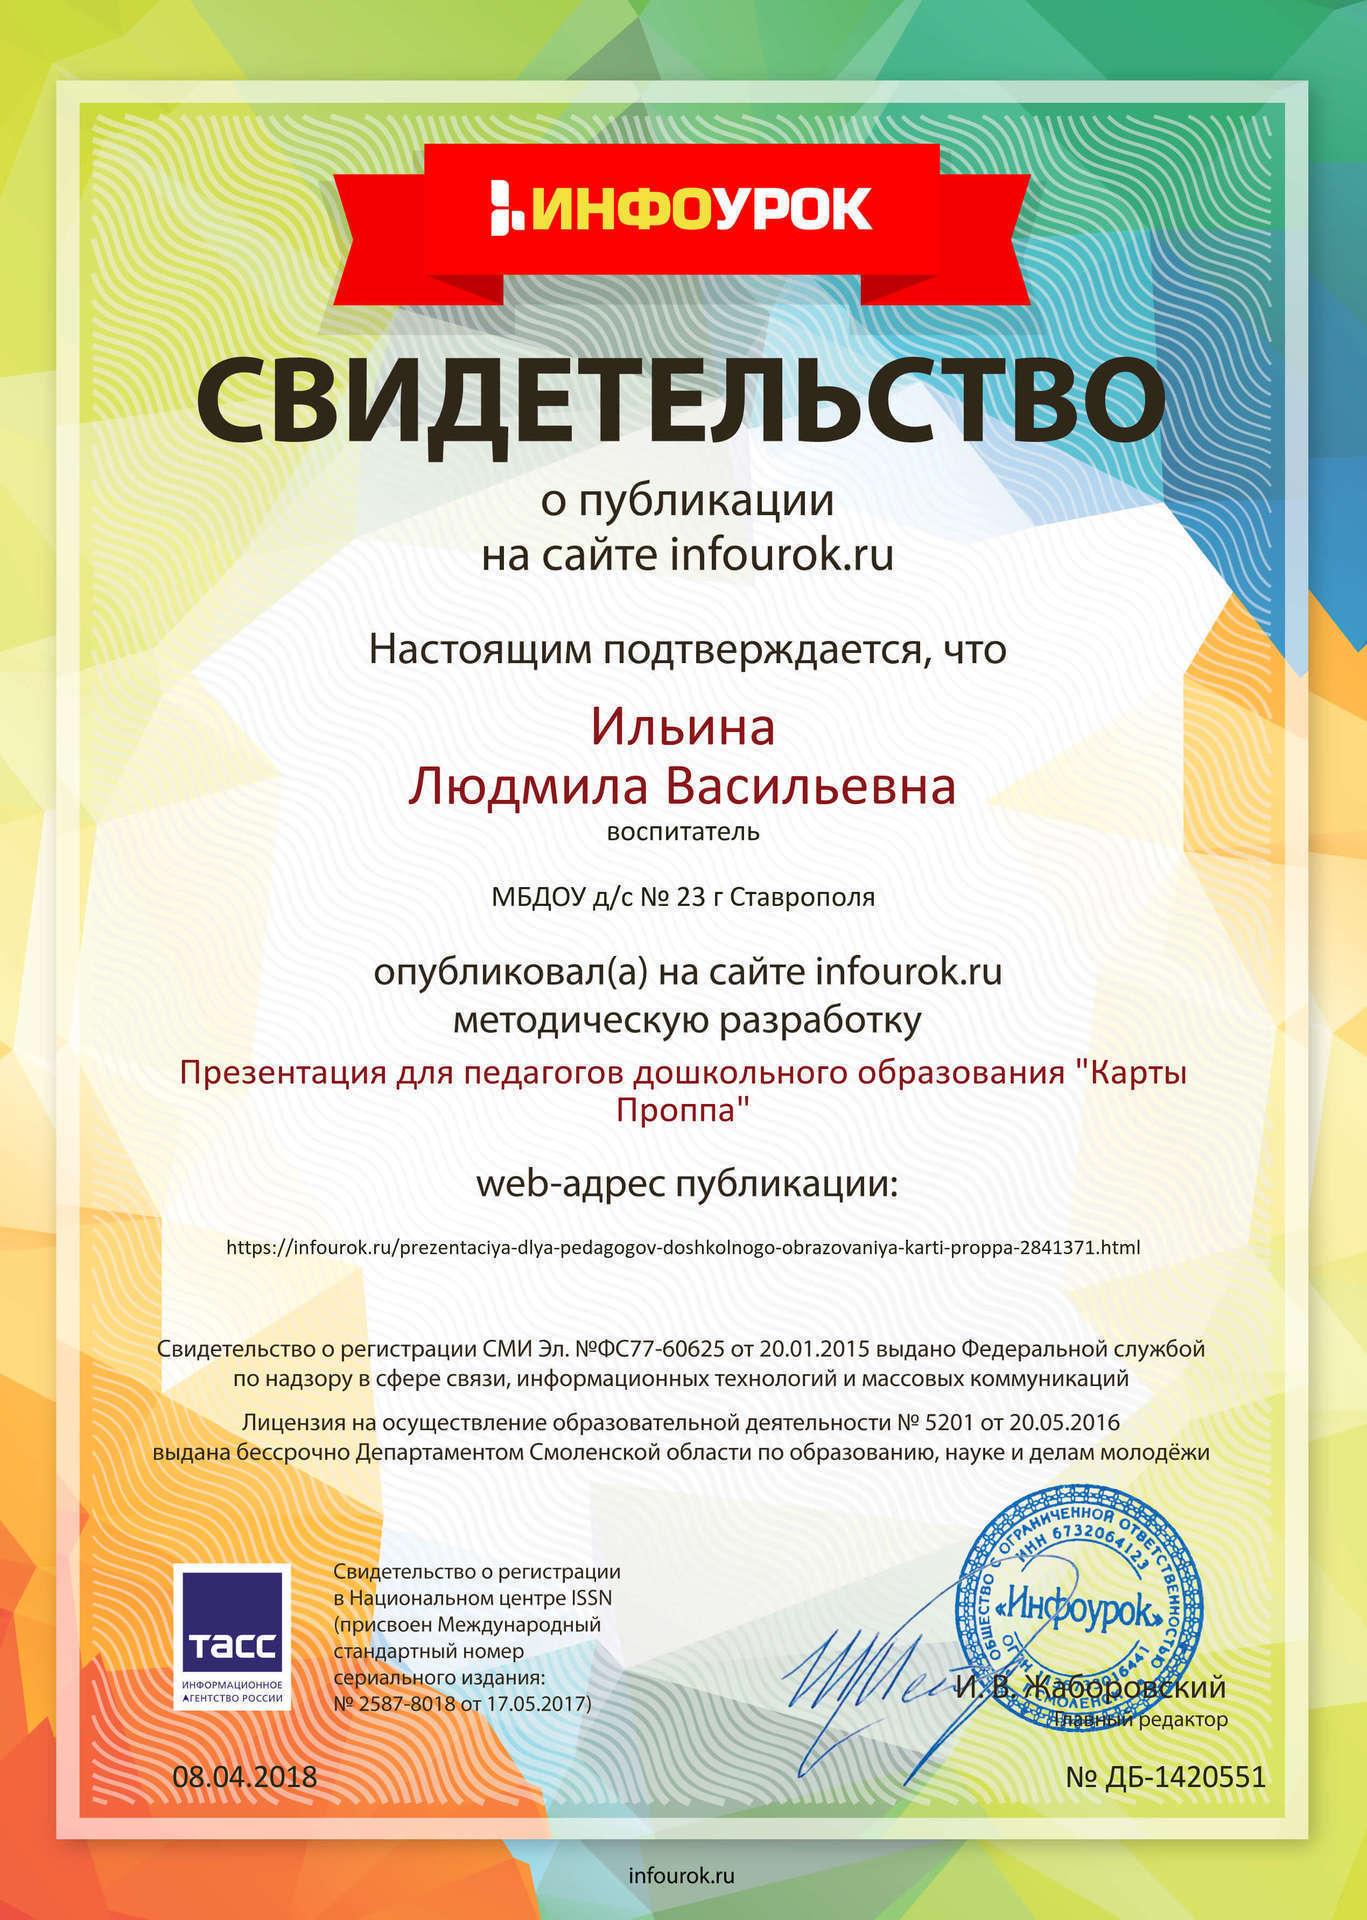 Свидетельство-проекта-infourok.ru-№1420551